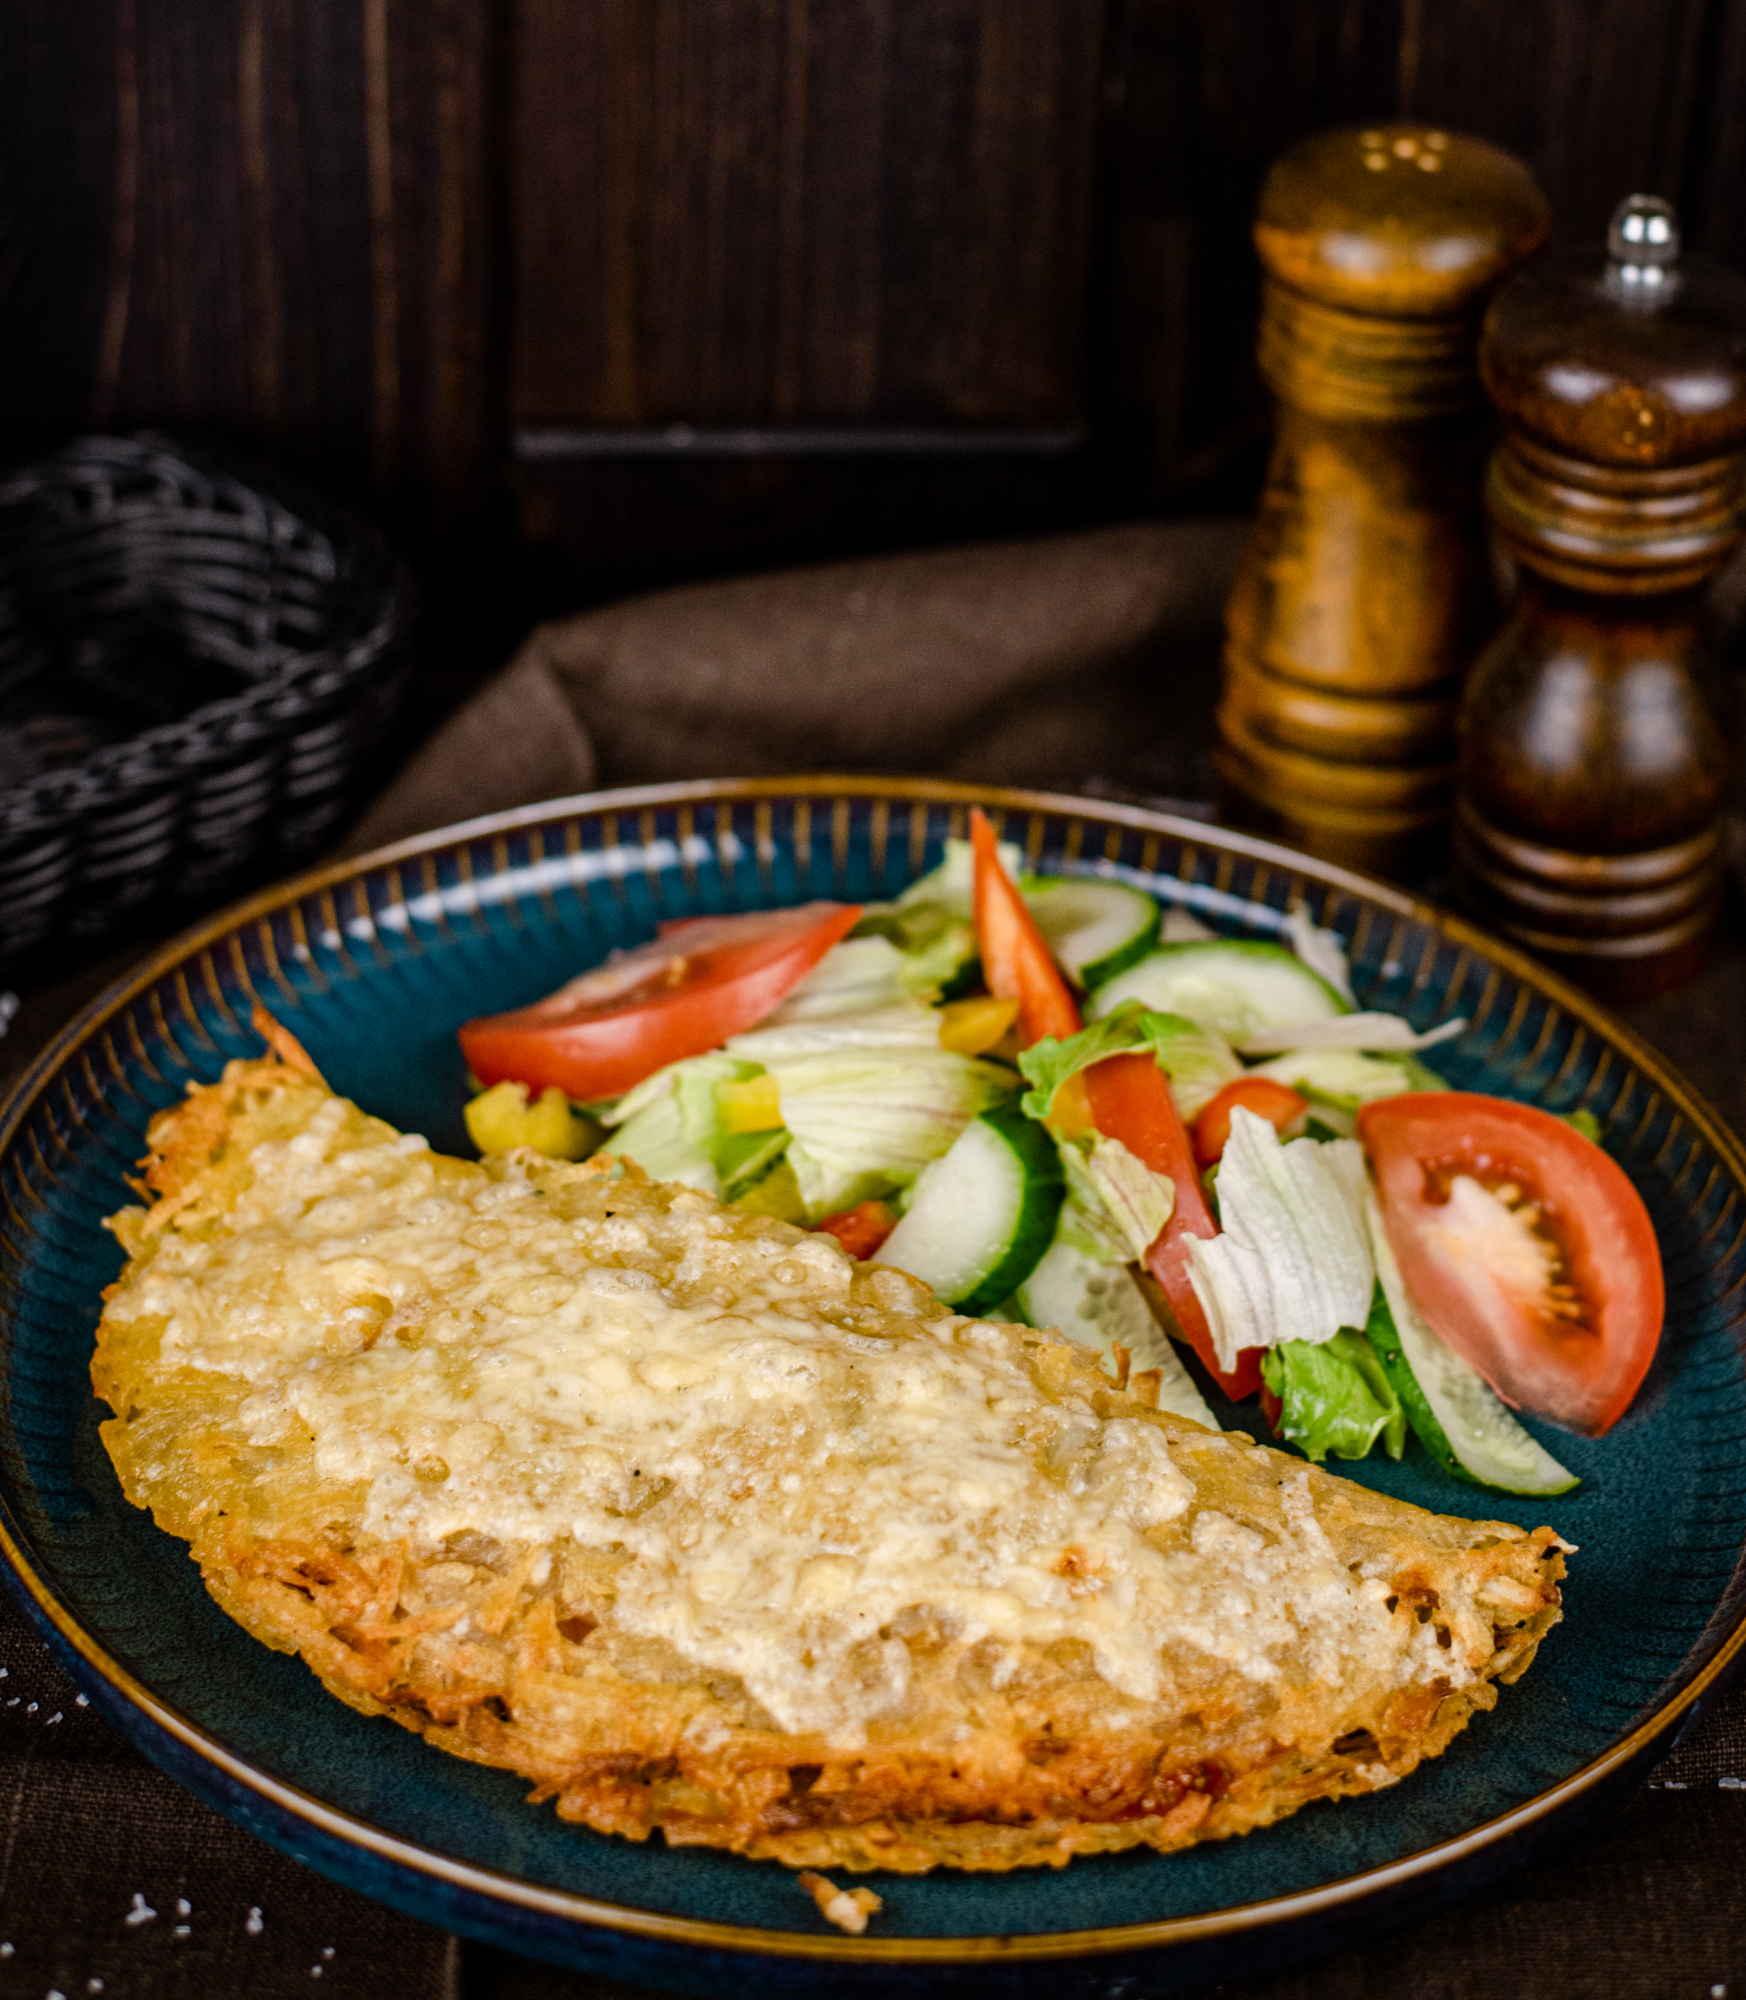 Испанский картофельный омлет с ветчиной, помидорами и шампиньонами доставка ресторан лабиринт в Орле банкеты